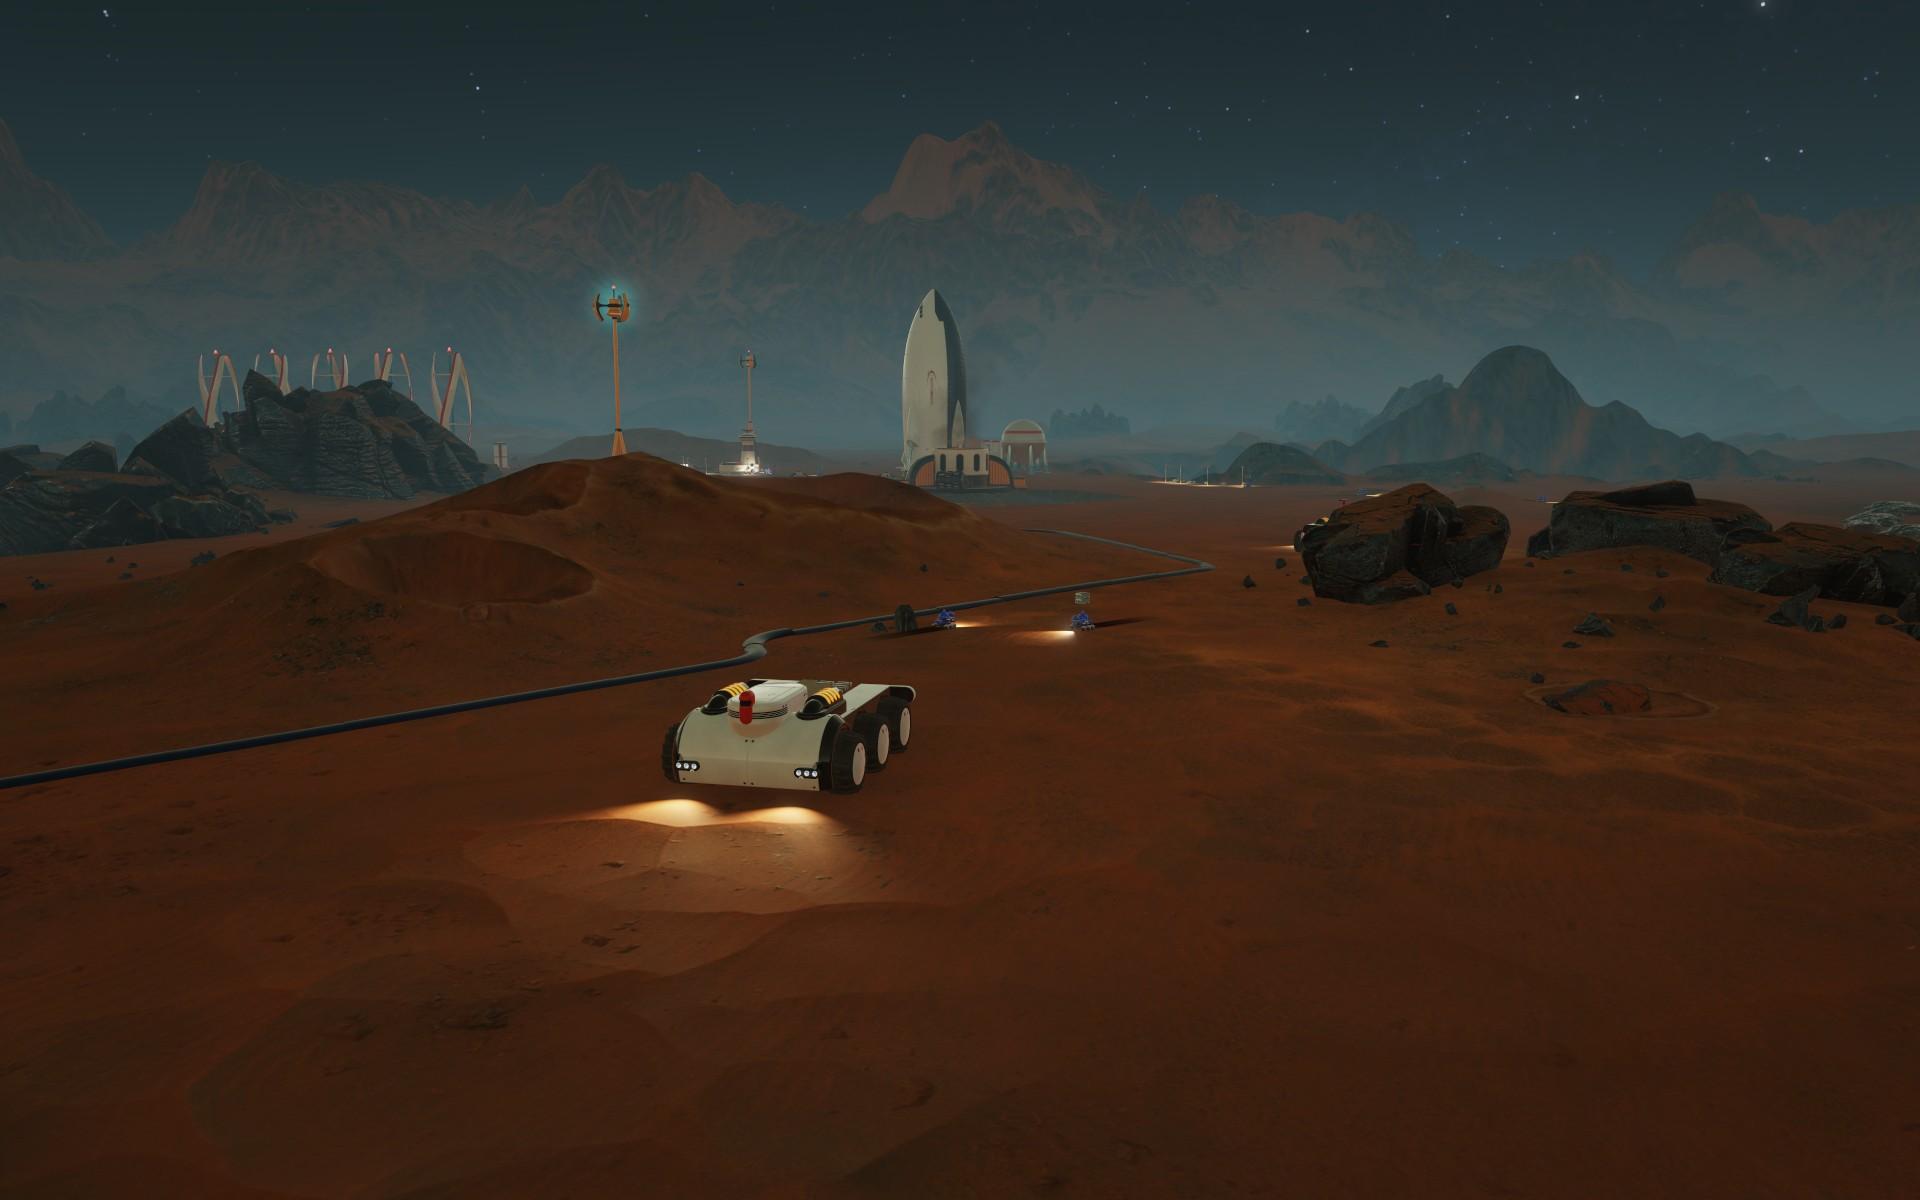 火星登陆_《火星求生》将登陆pc和主机 精彩预告片截图一览